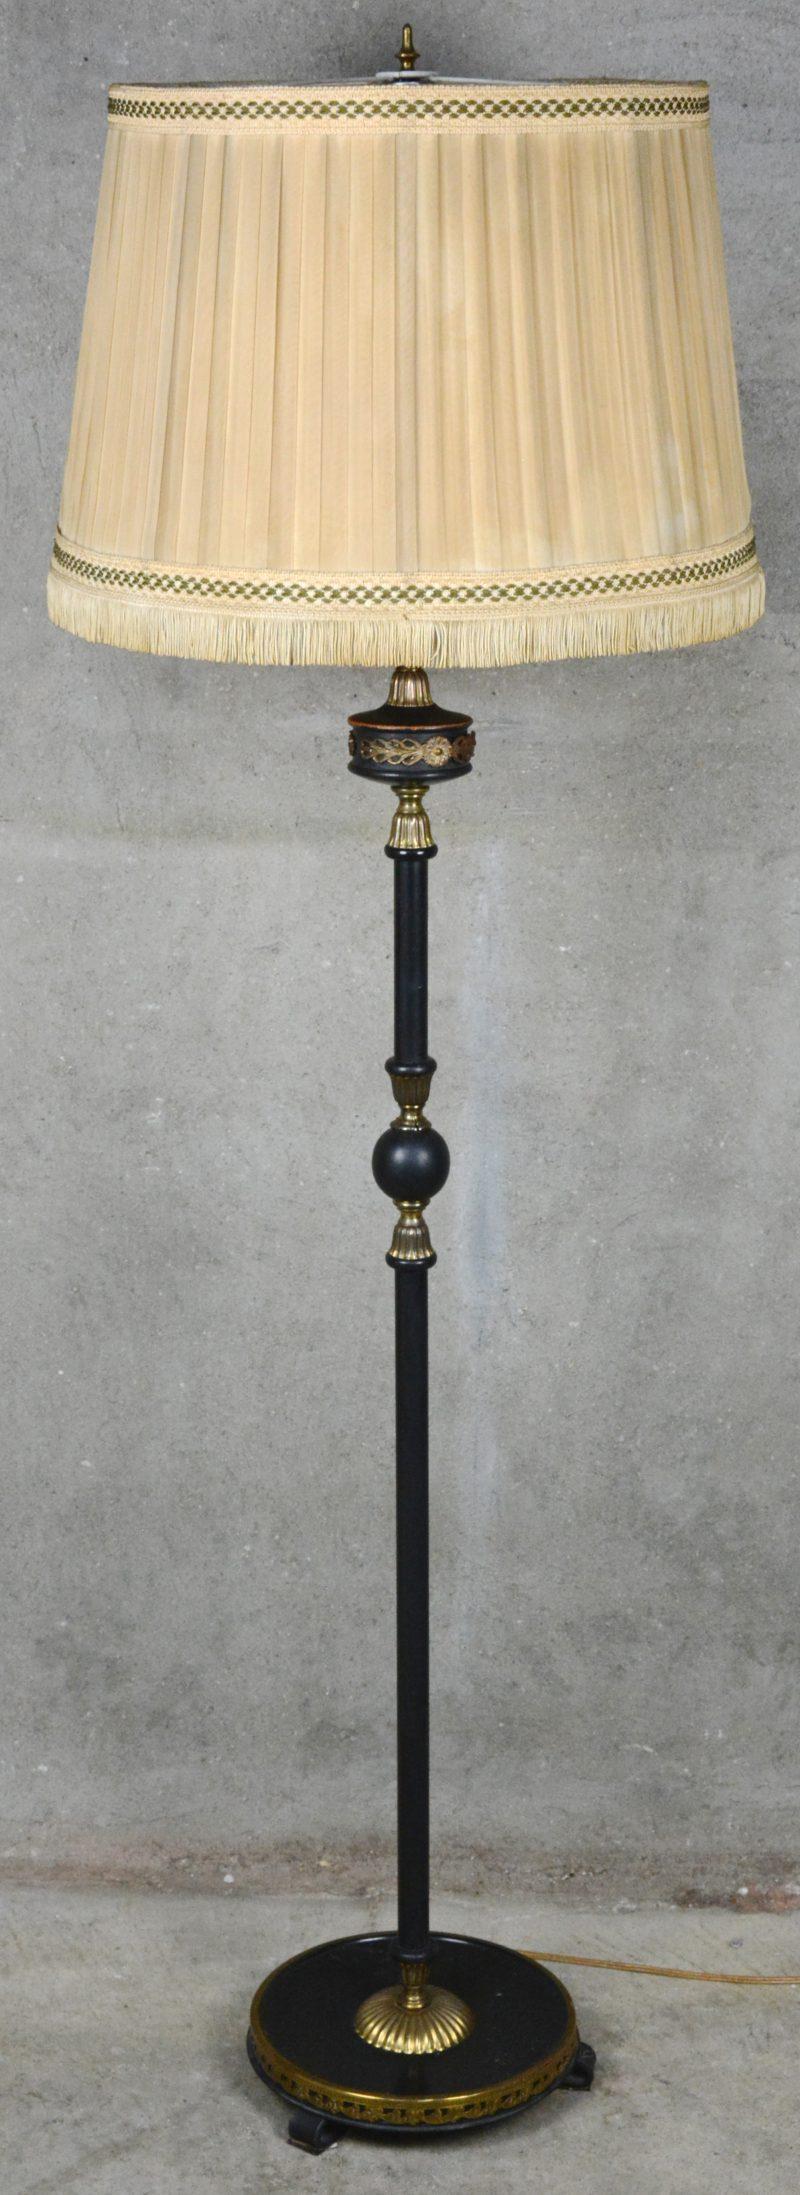 Een lampenvoet van deels zwartgepatineerd koper in Empirestijl.